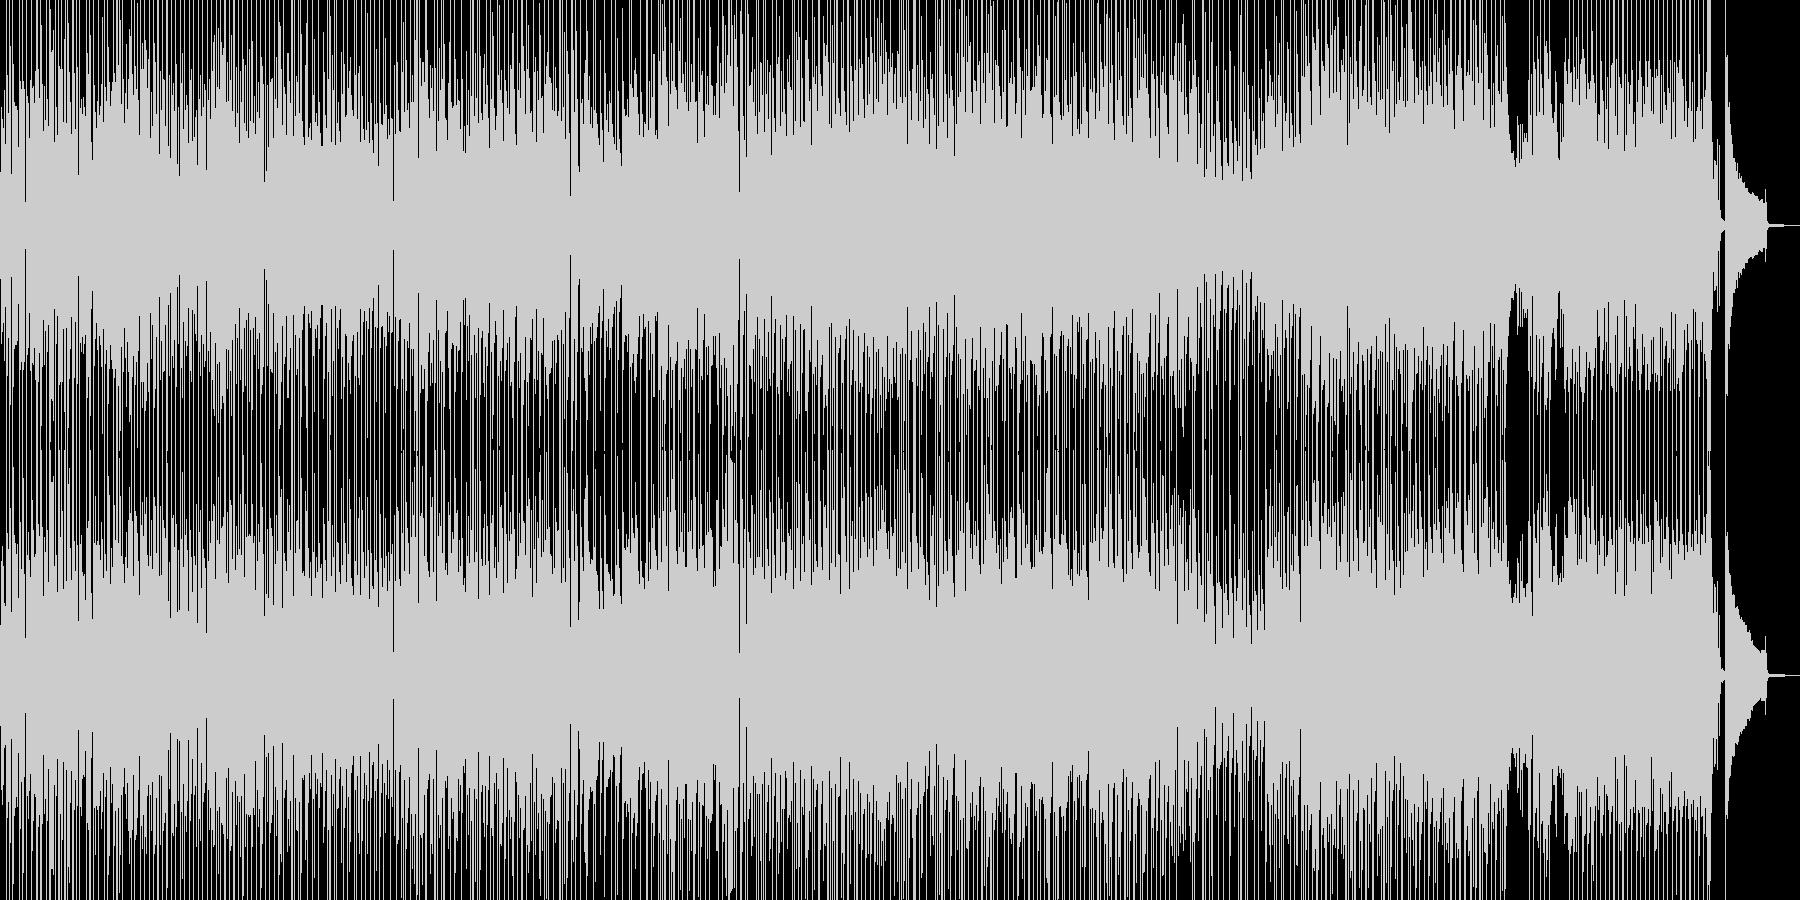 田舎の雰囲気を彩る楽しいポップス 短尺★の未再生の波形